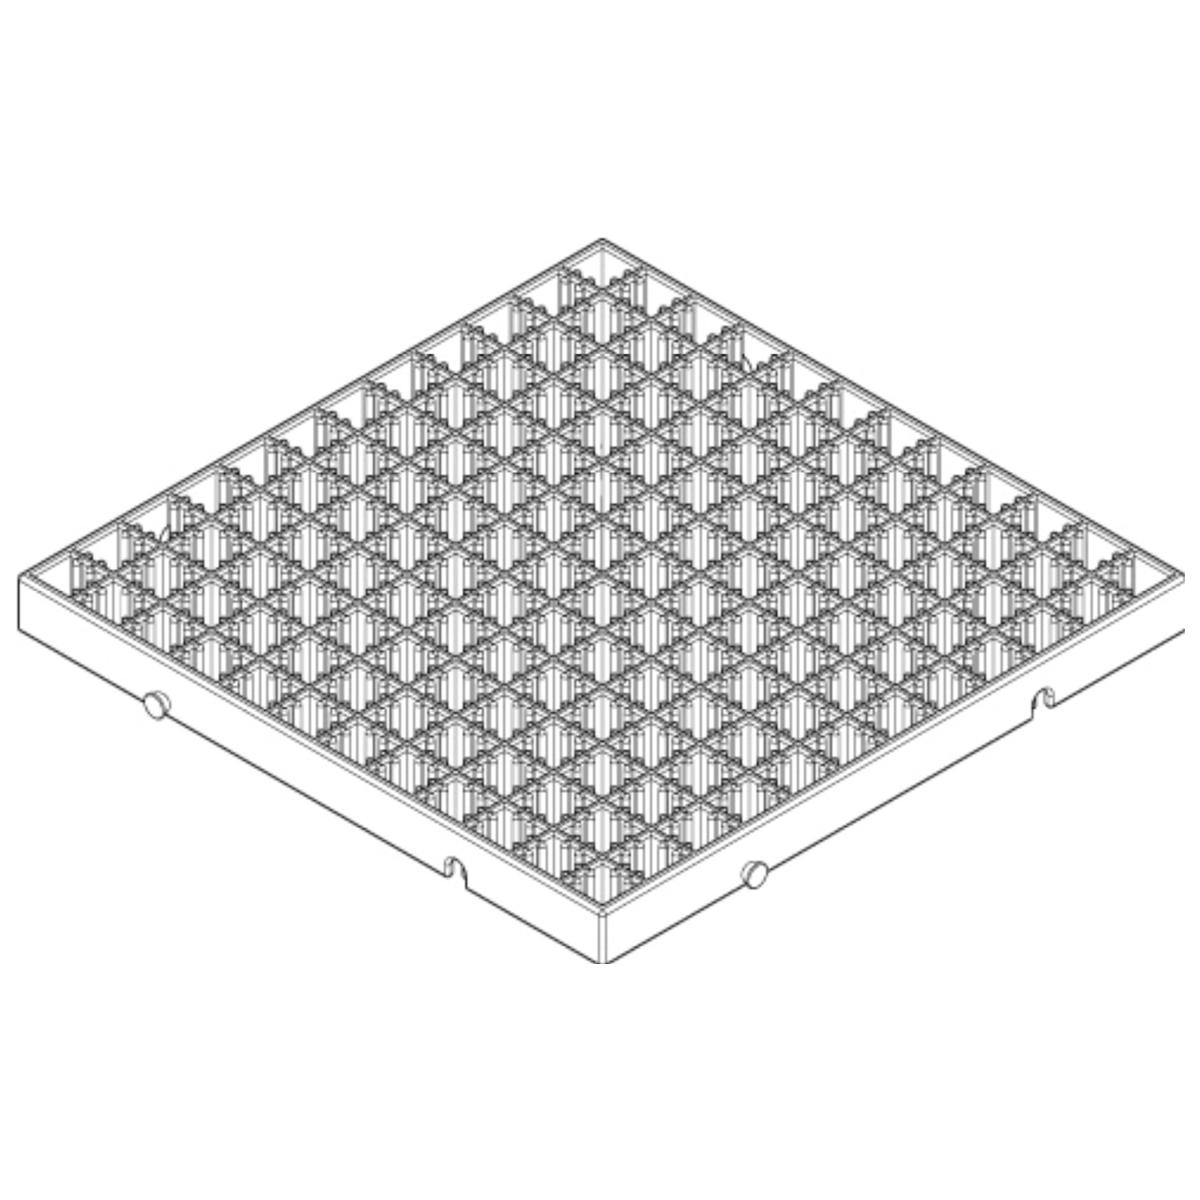 アーテックブロック部品 12ベース 日本製?知育玩具 ブロック 組み立て キッズ 幼児 レゴ・レゴブロックのように遊べます クリスマスプレゼント